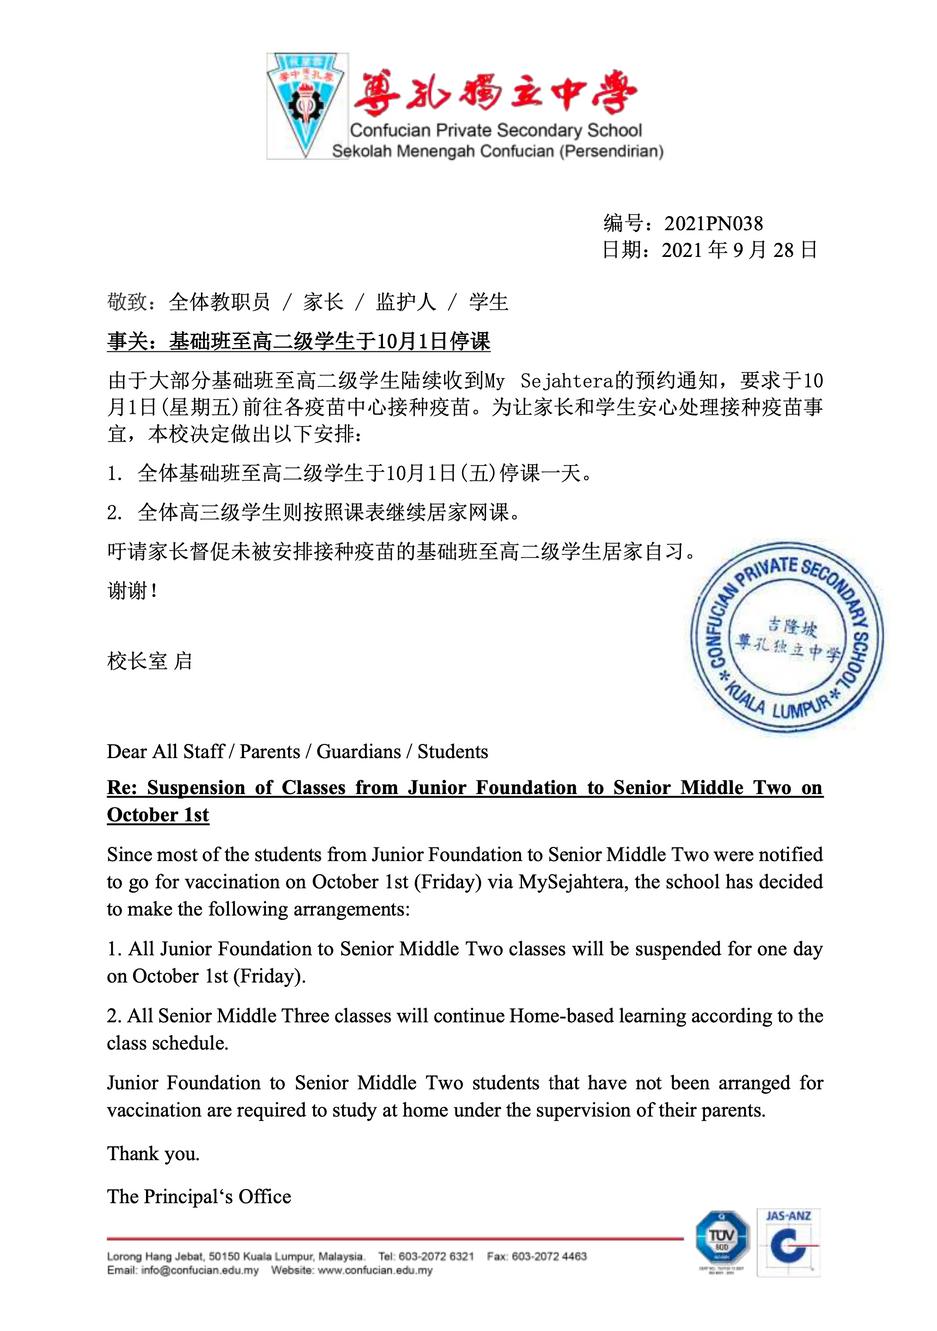 [校长室通告]基础班至高二级学生于10月1日停课